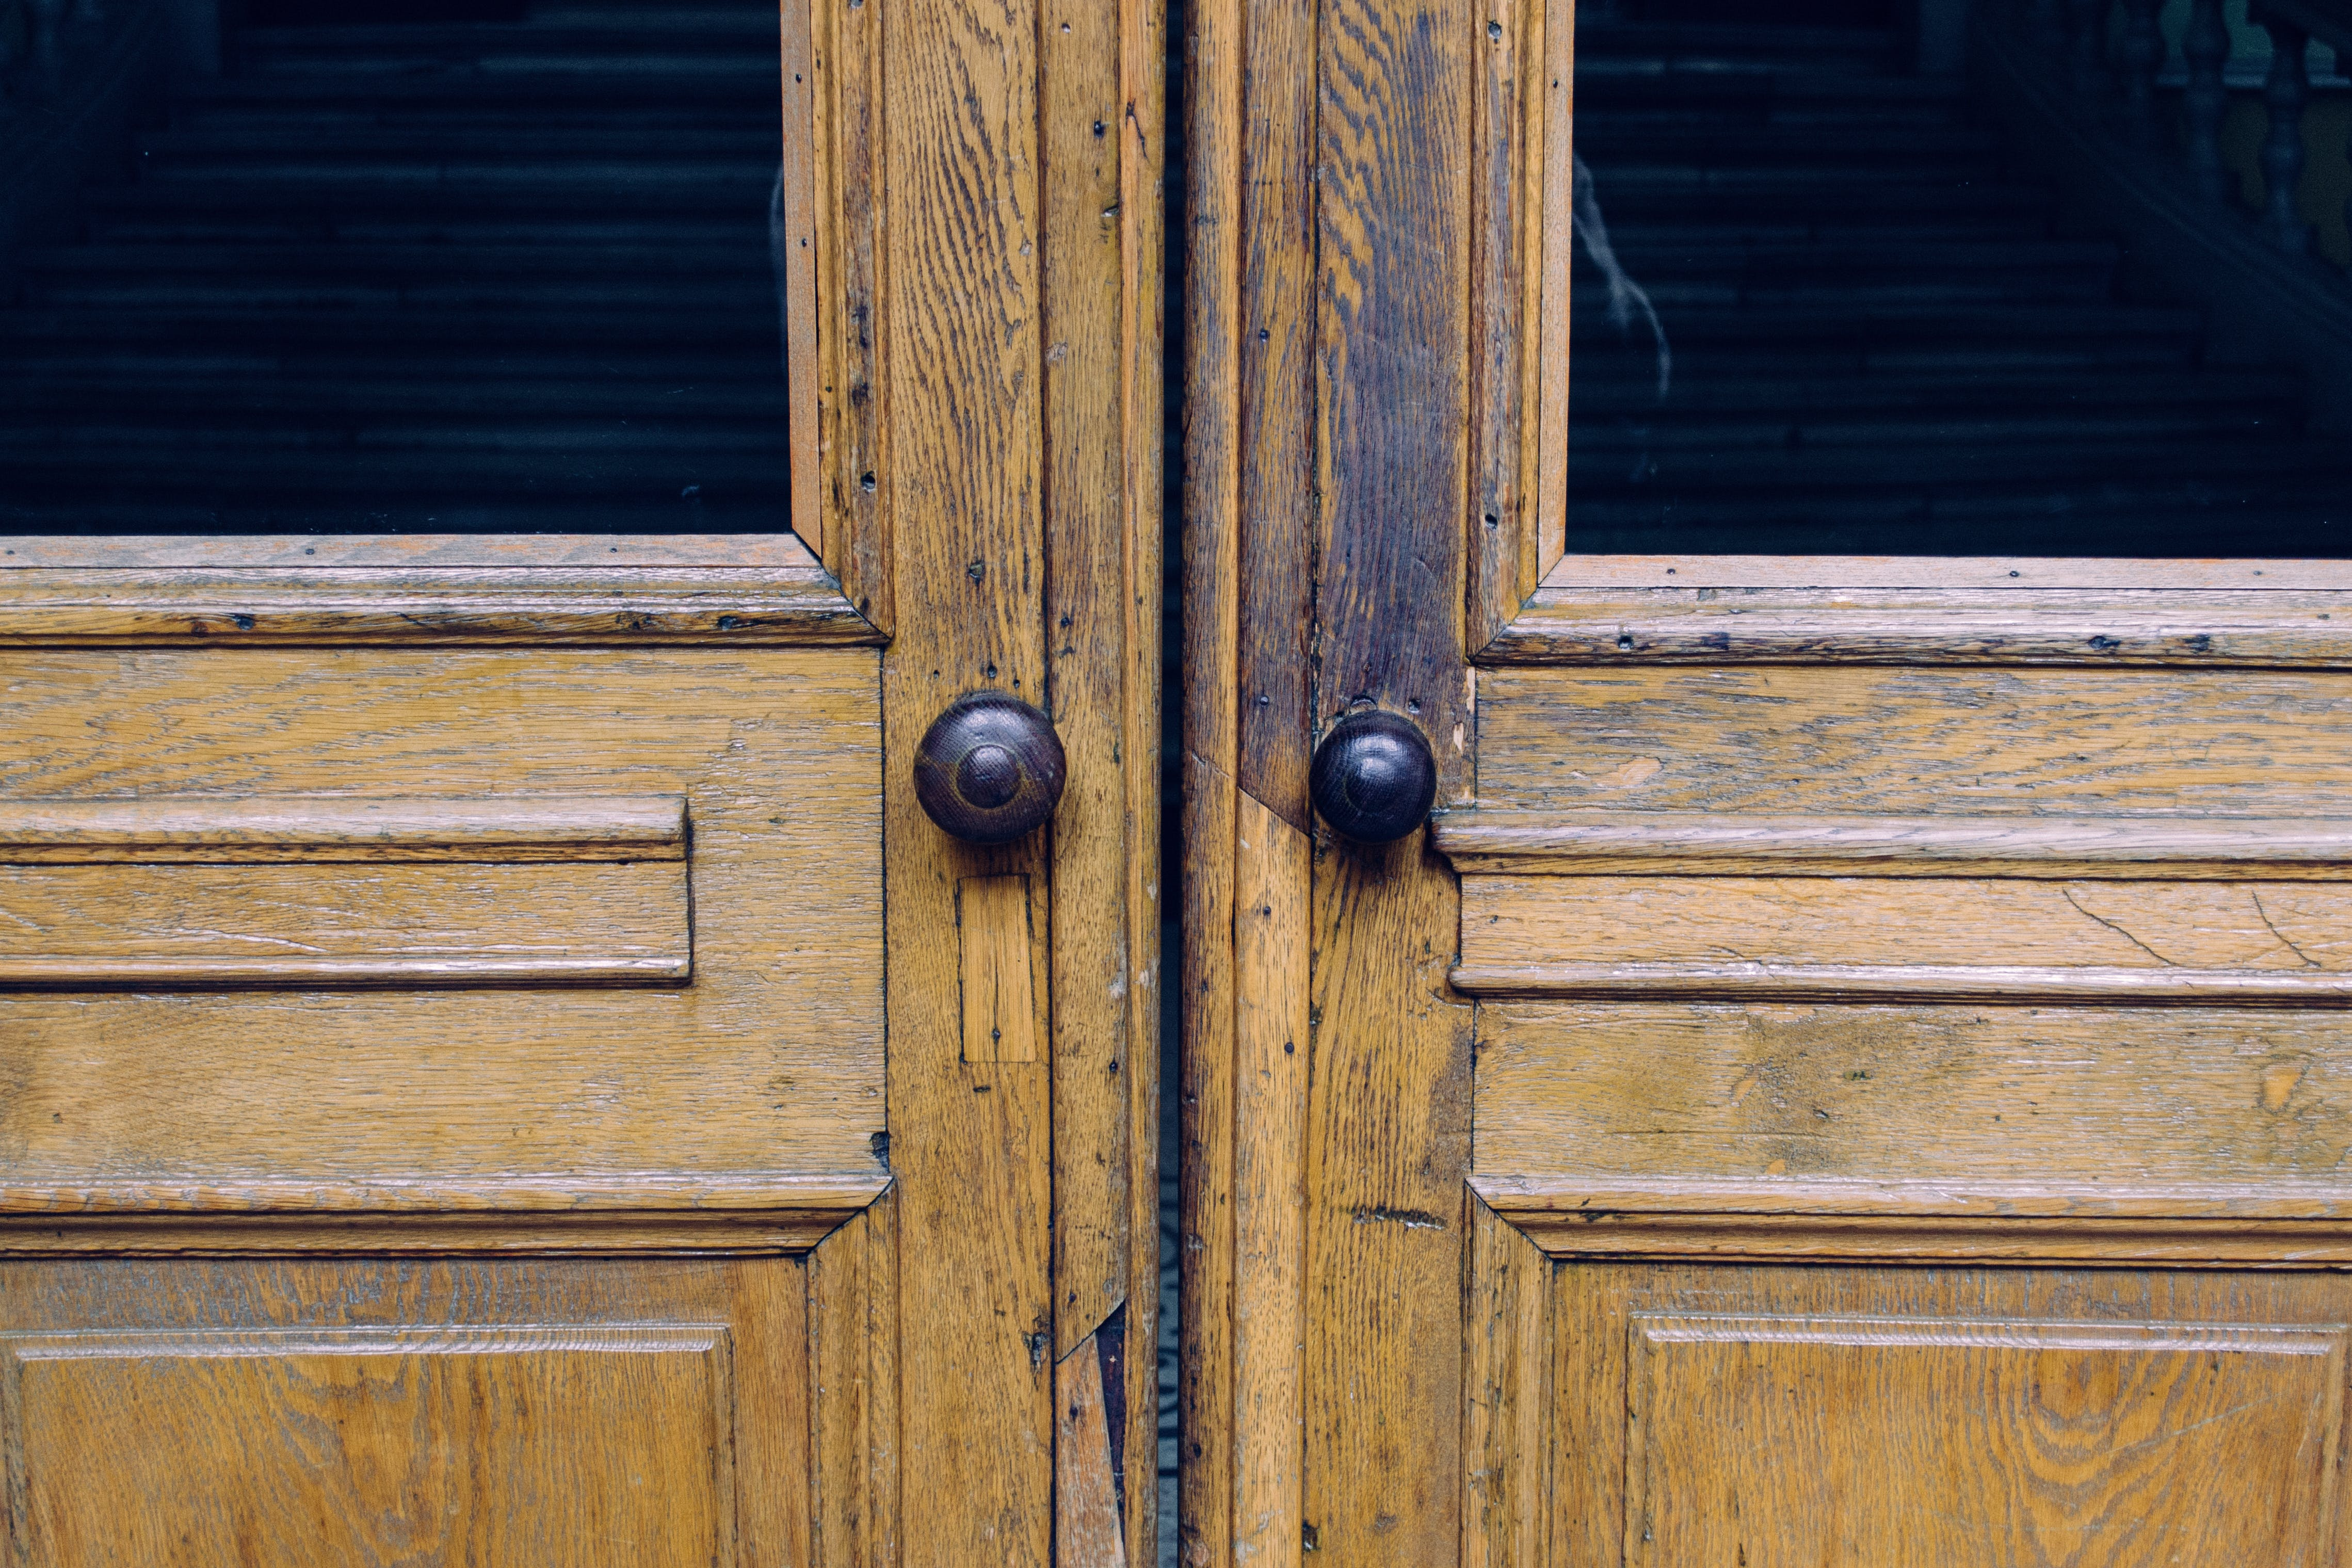 Free stock photo of wood, broken, door, rustic